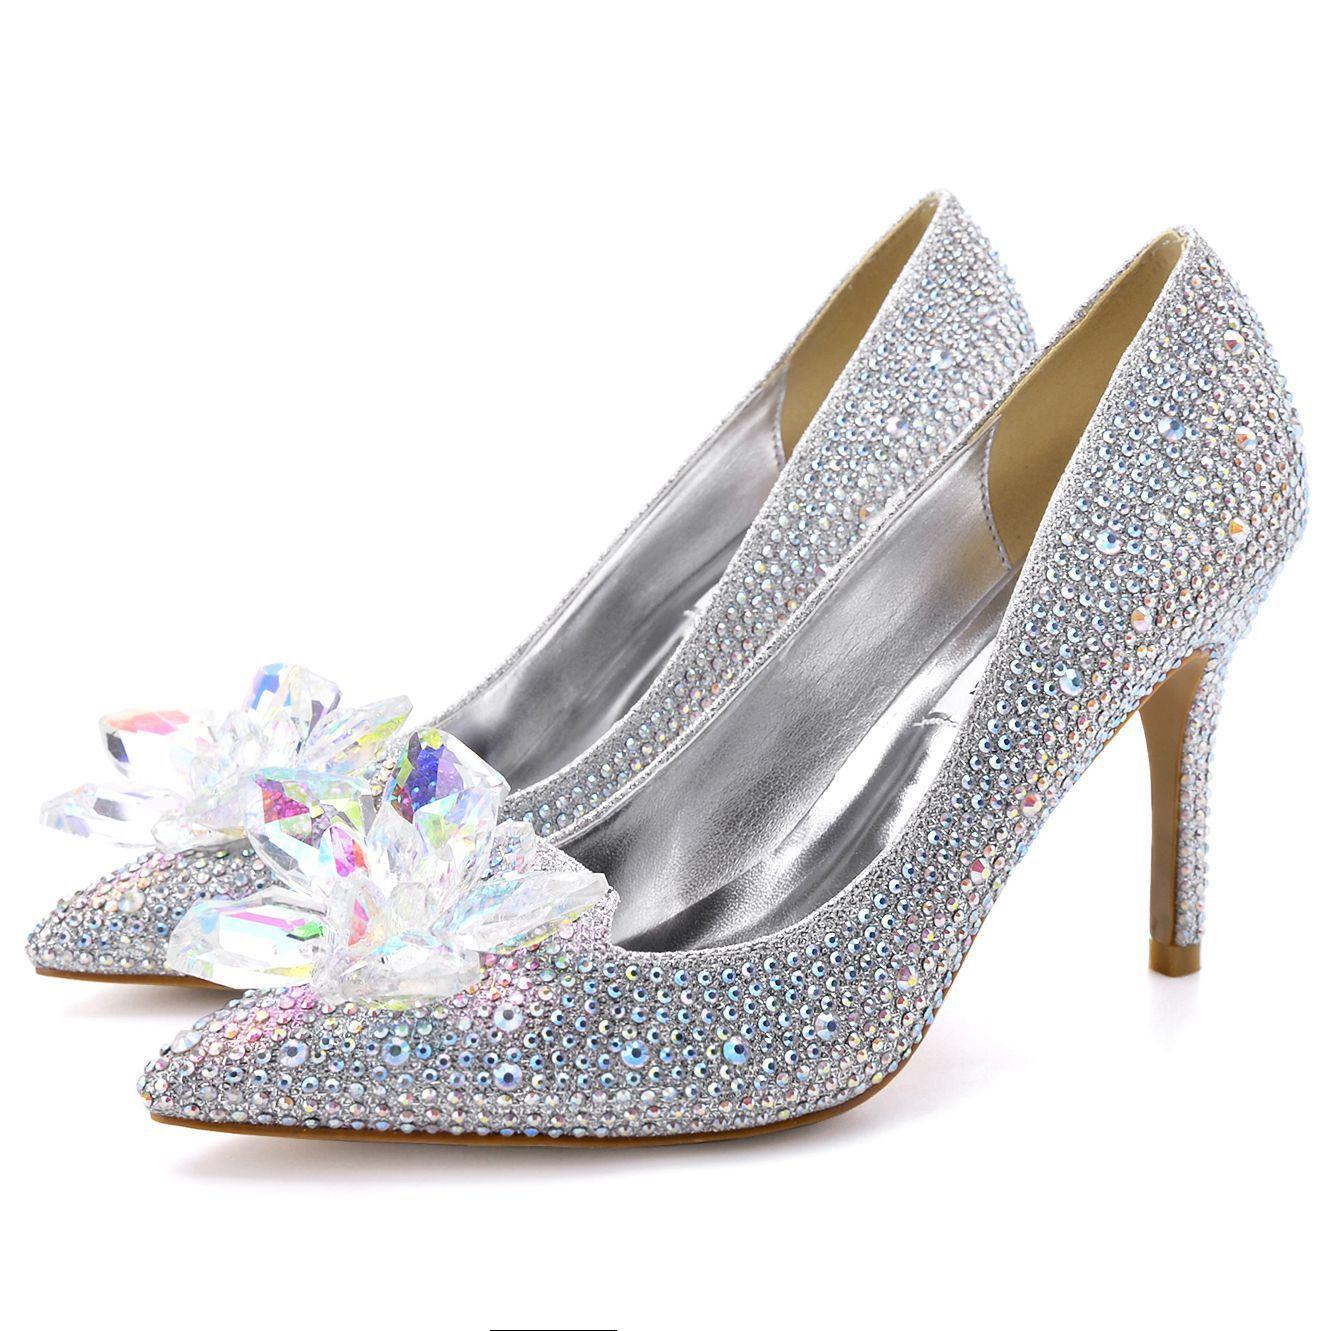 YSBN Giày cô dâu 2020 New Cinderella Crystal Shoes Mũi nhọn Slim Sexy Sexy Giày bạc nữ rhinestone